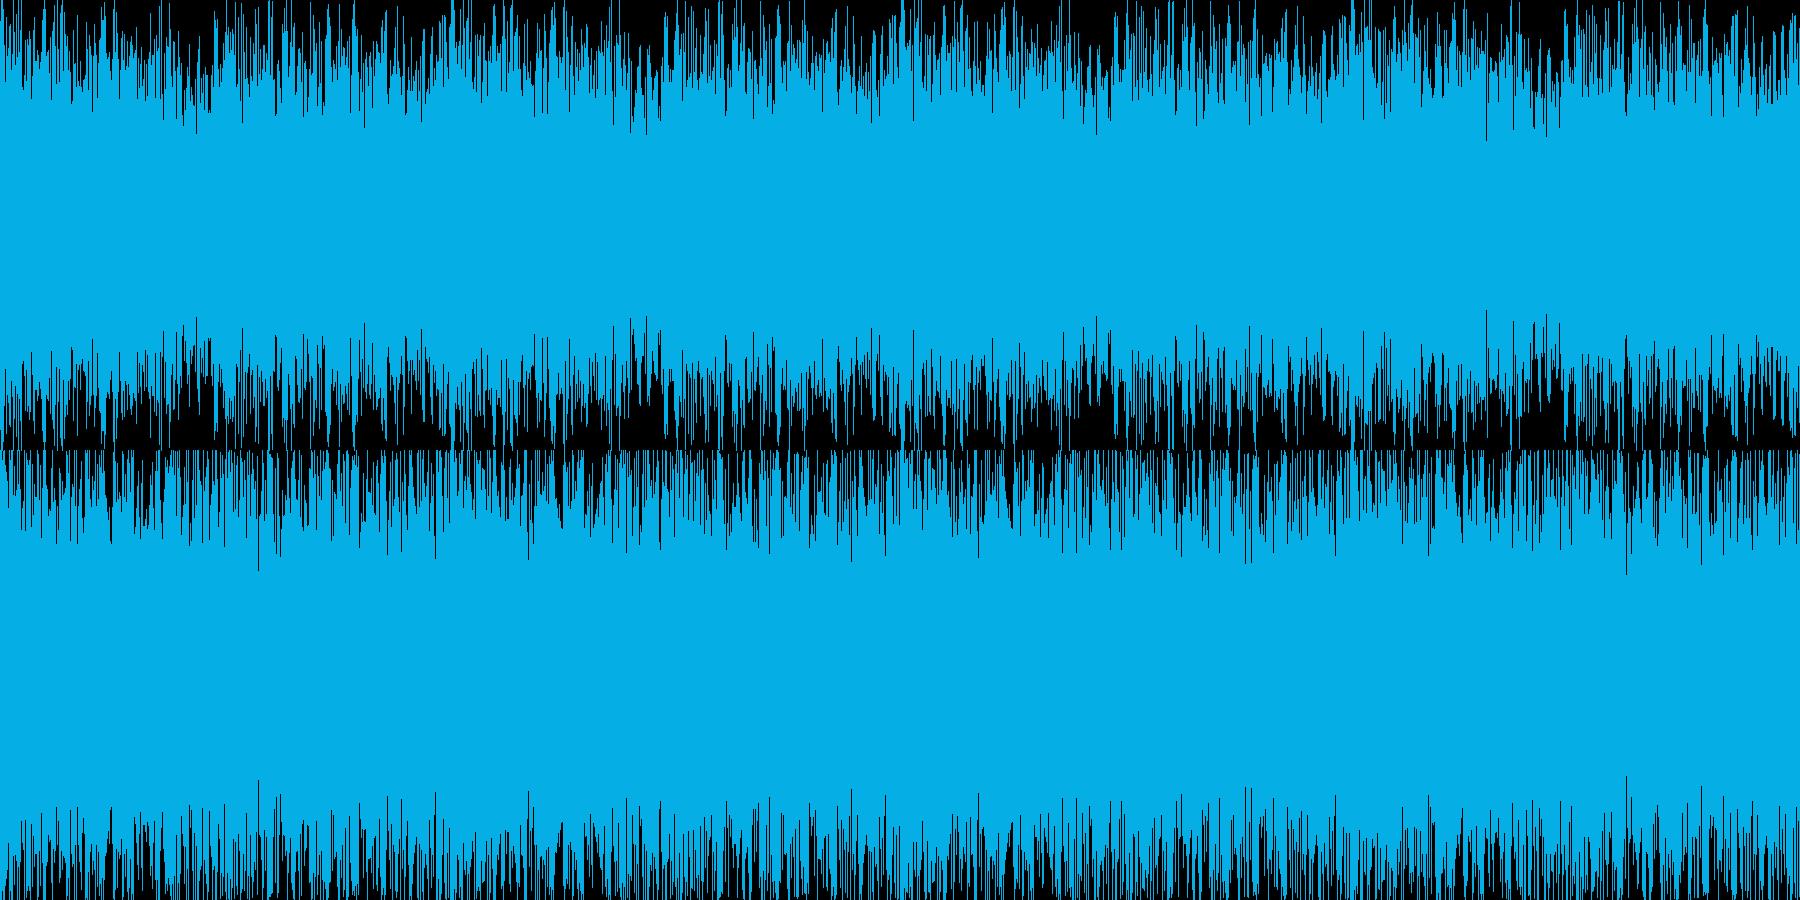 疾走感のあるオーケストラBGMの再生済みの波形